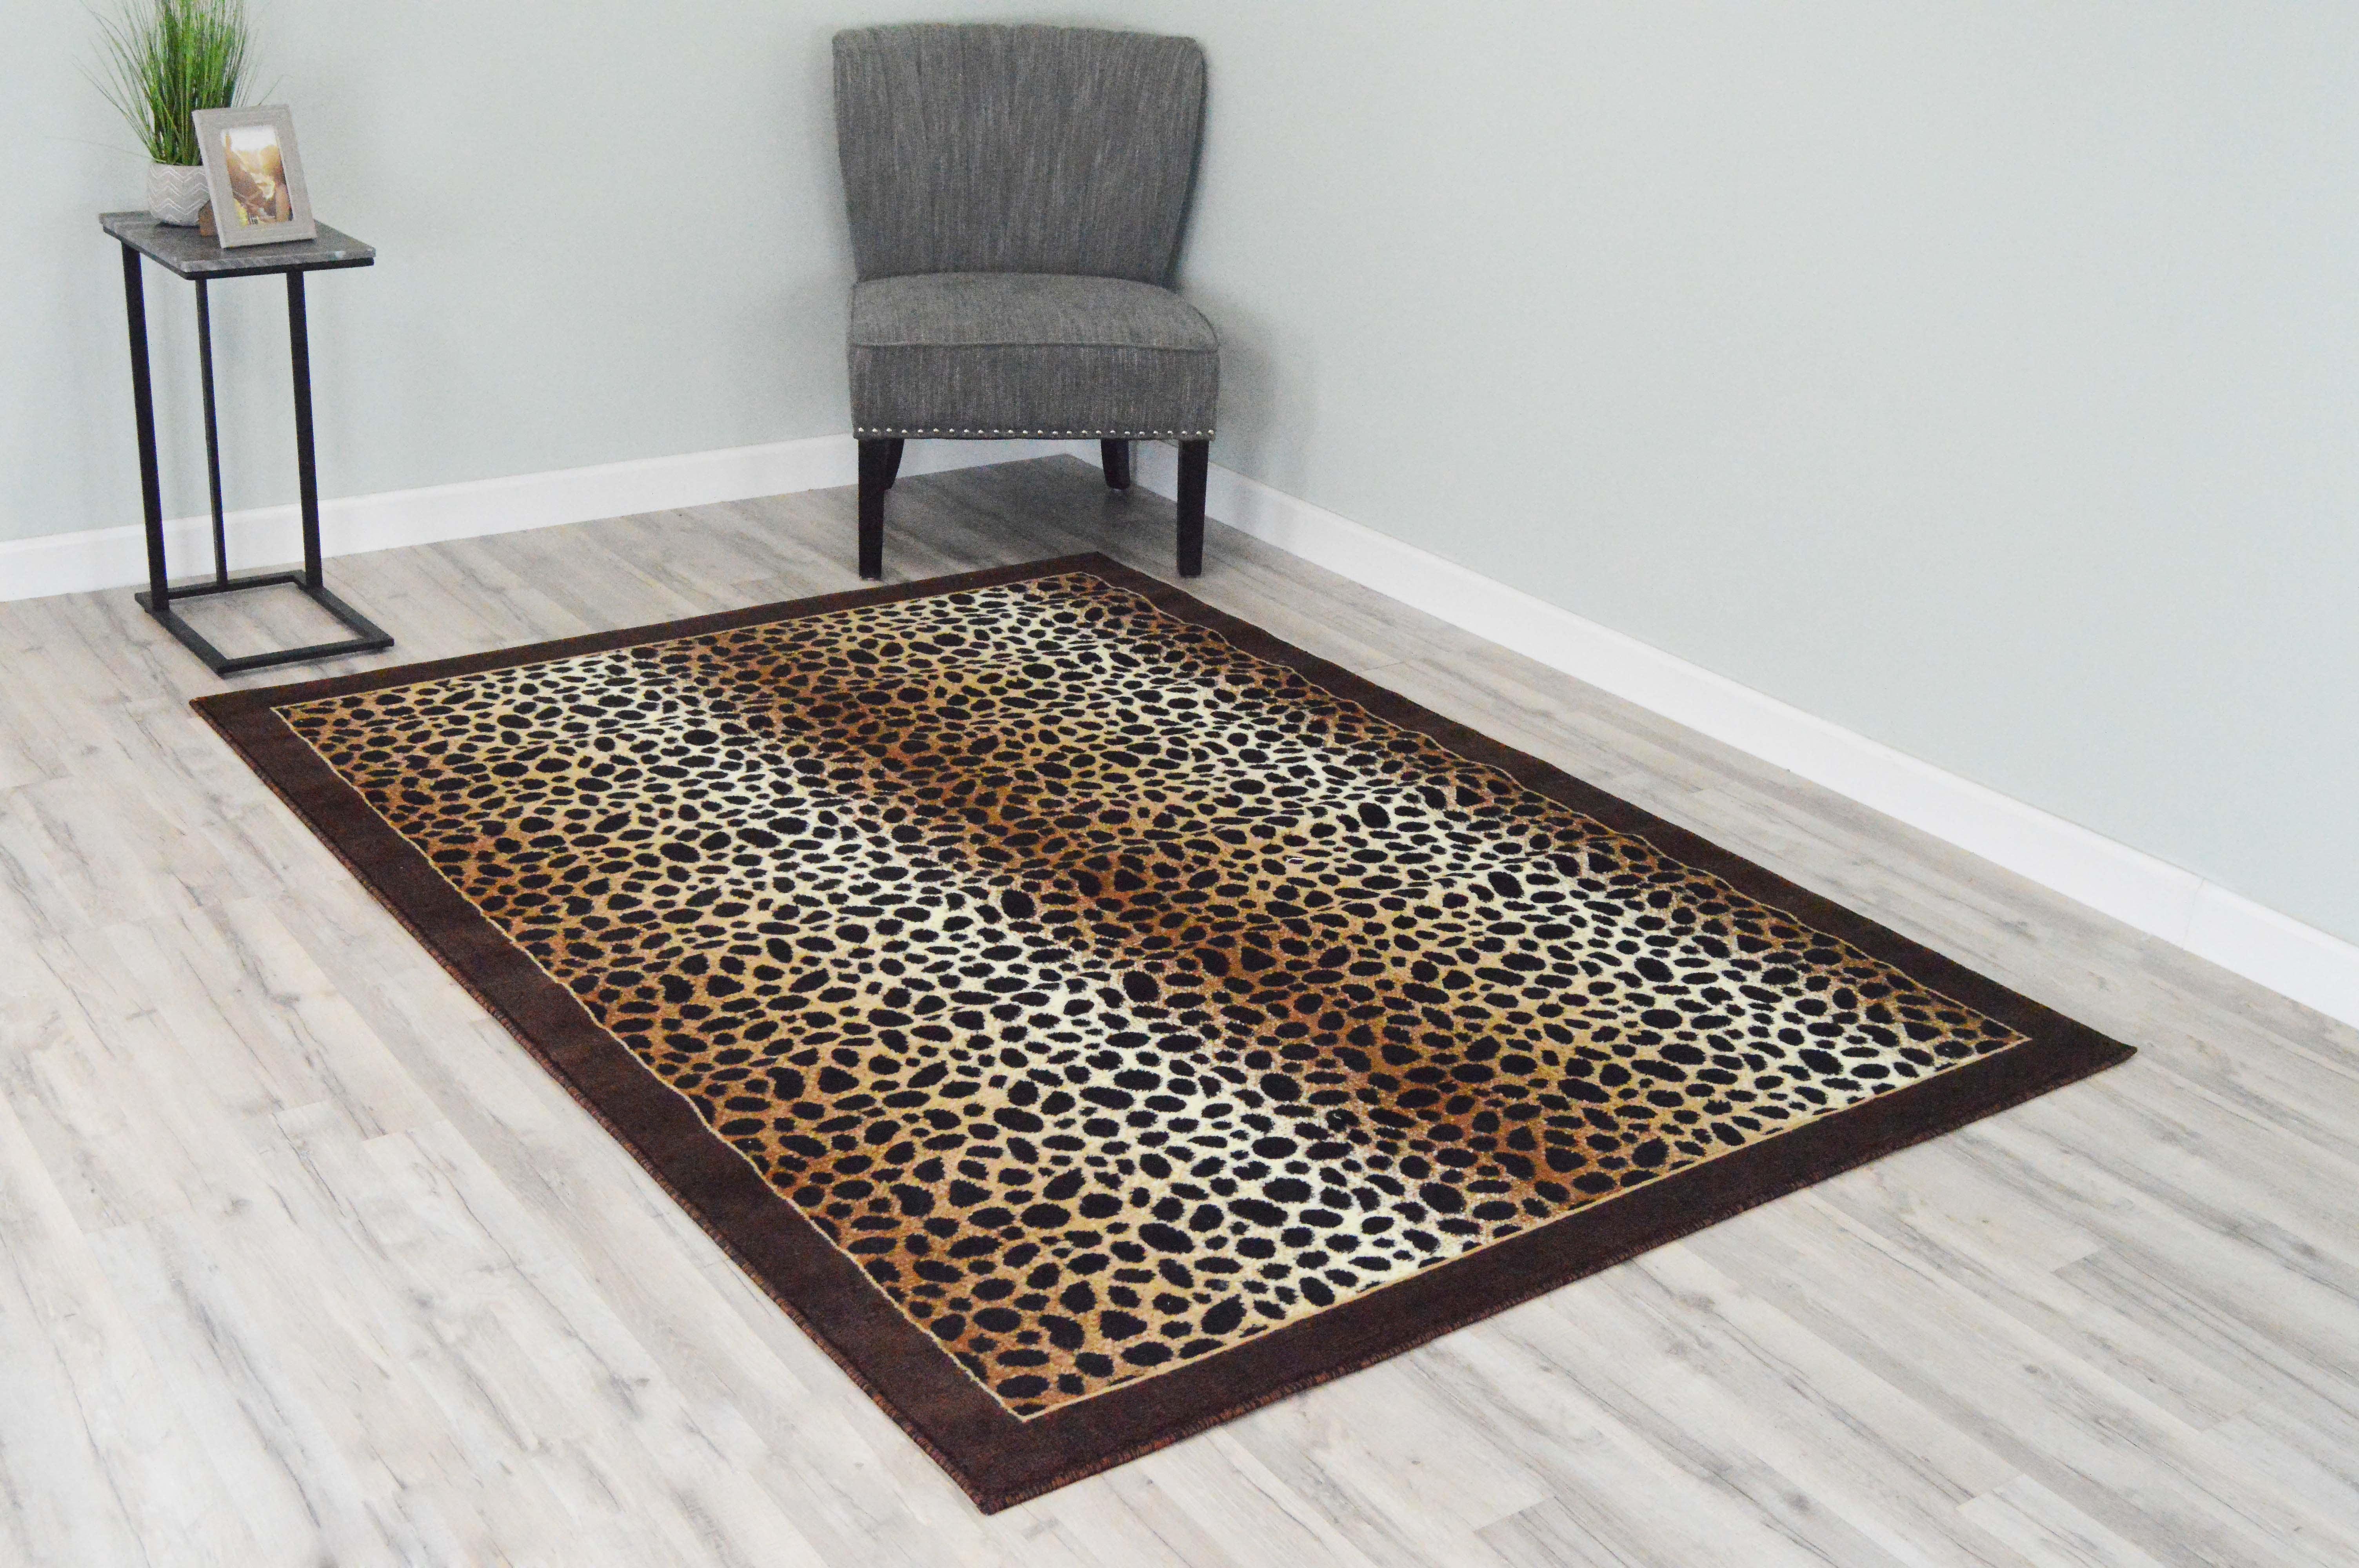 5  x 8  Rima Area Rug - Leopard